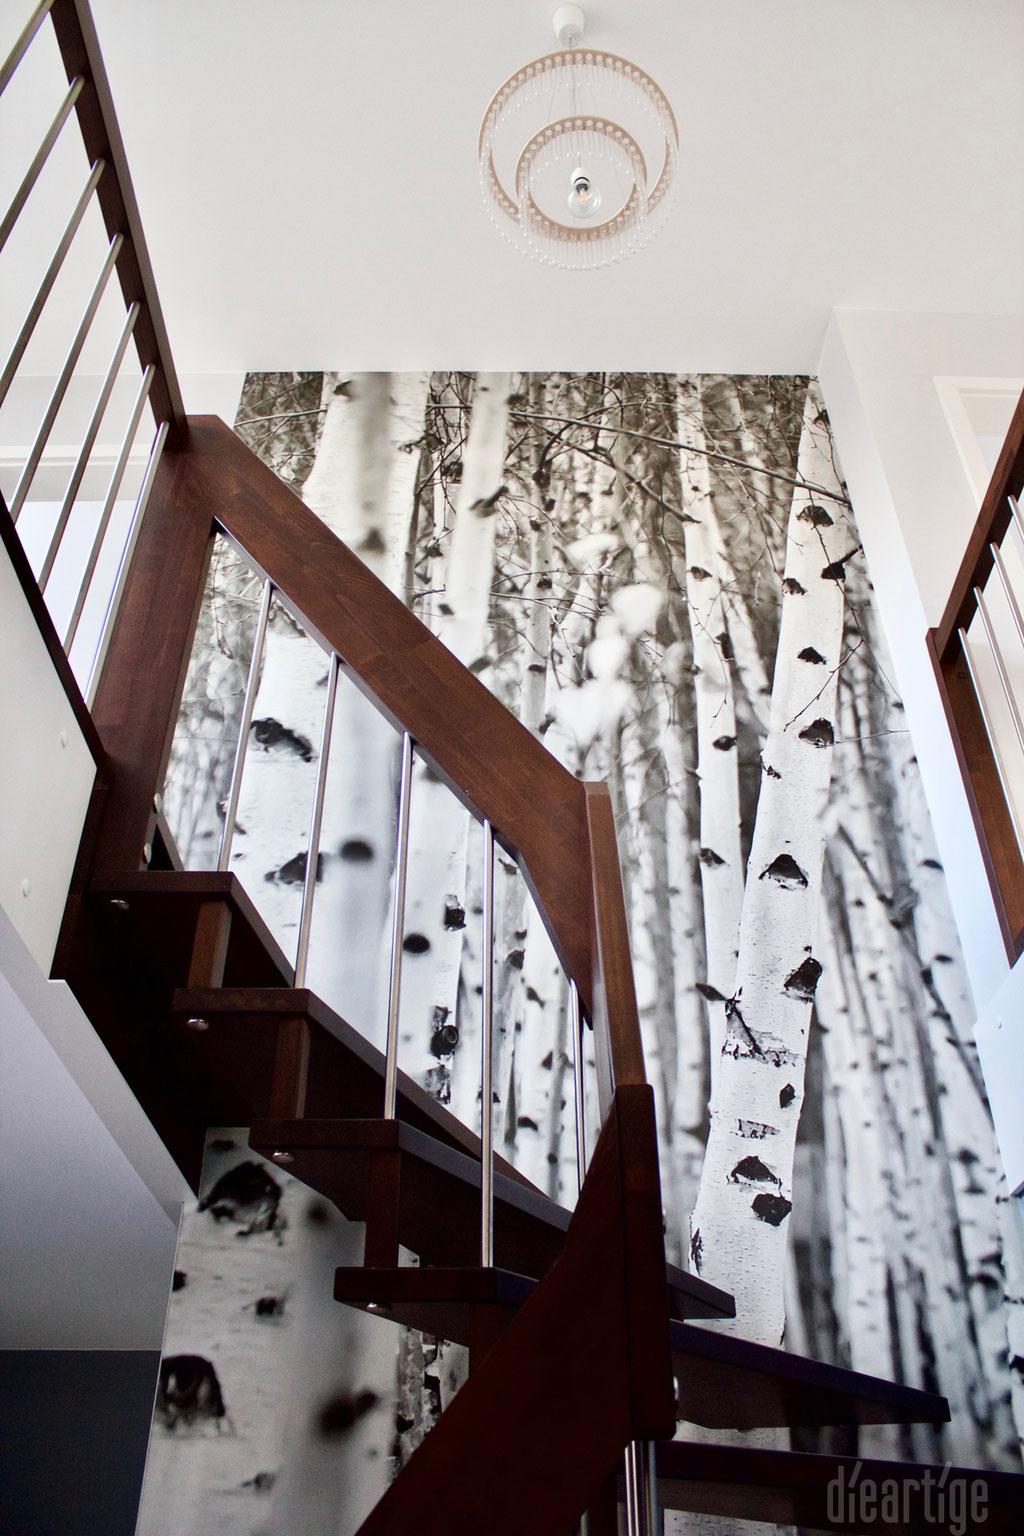 Fam. Z. | Treppenaufgang | Fototapete Birkenmotiv | Kronleuchter